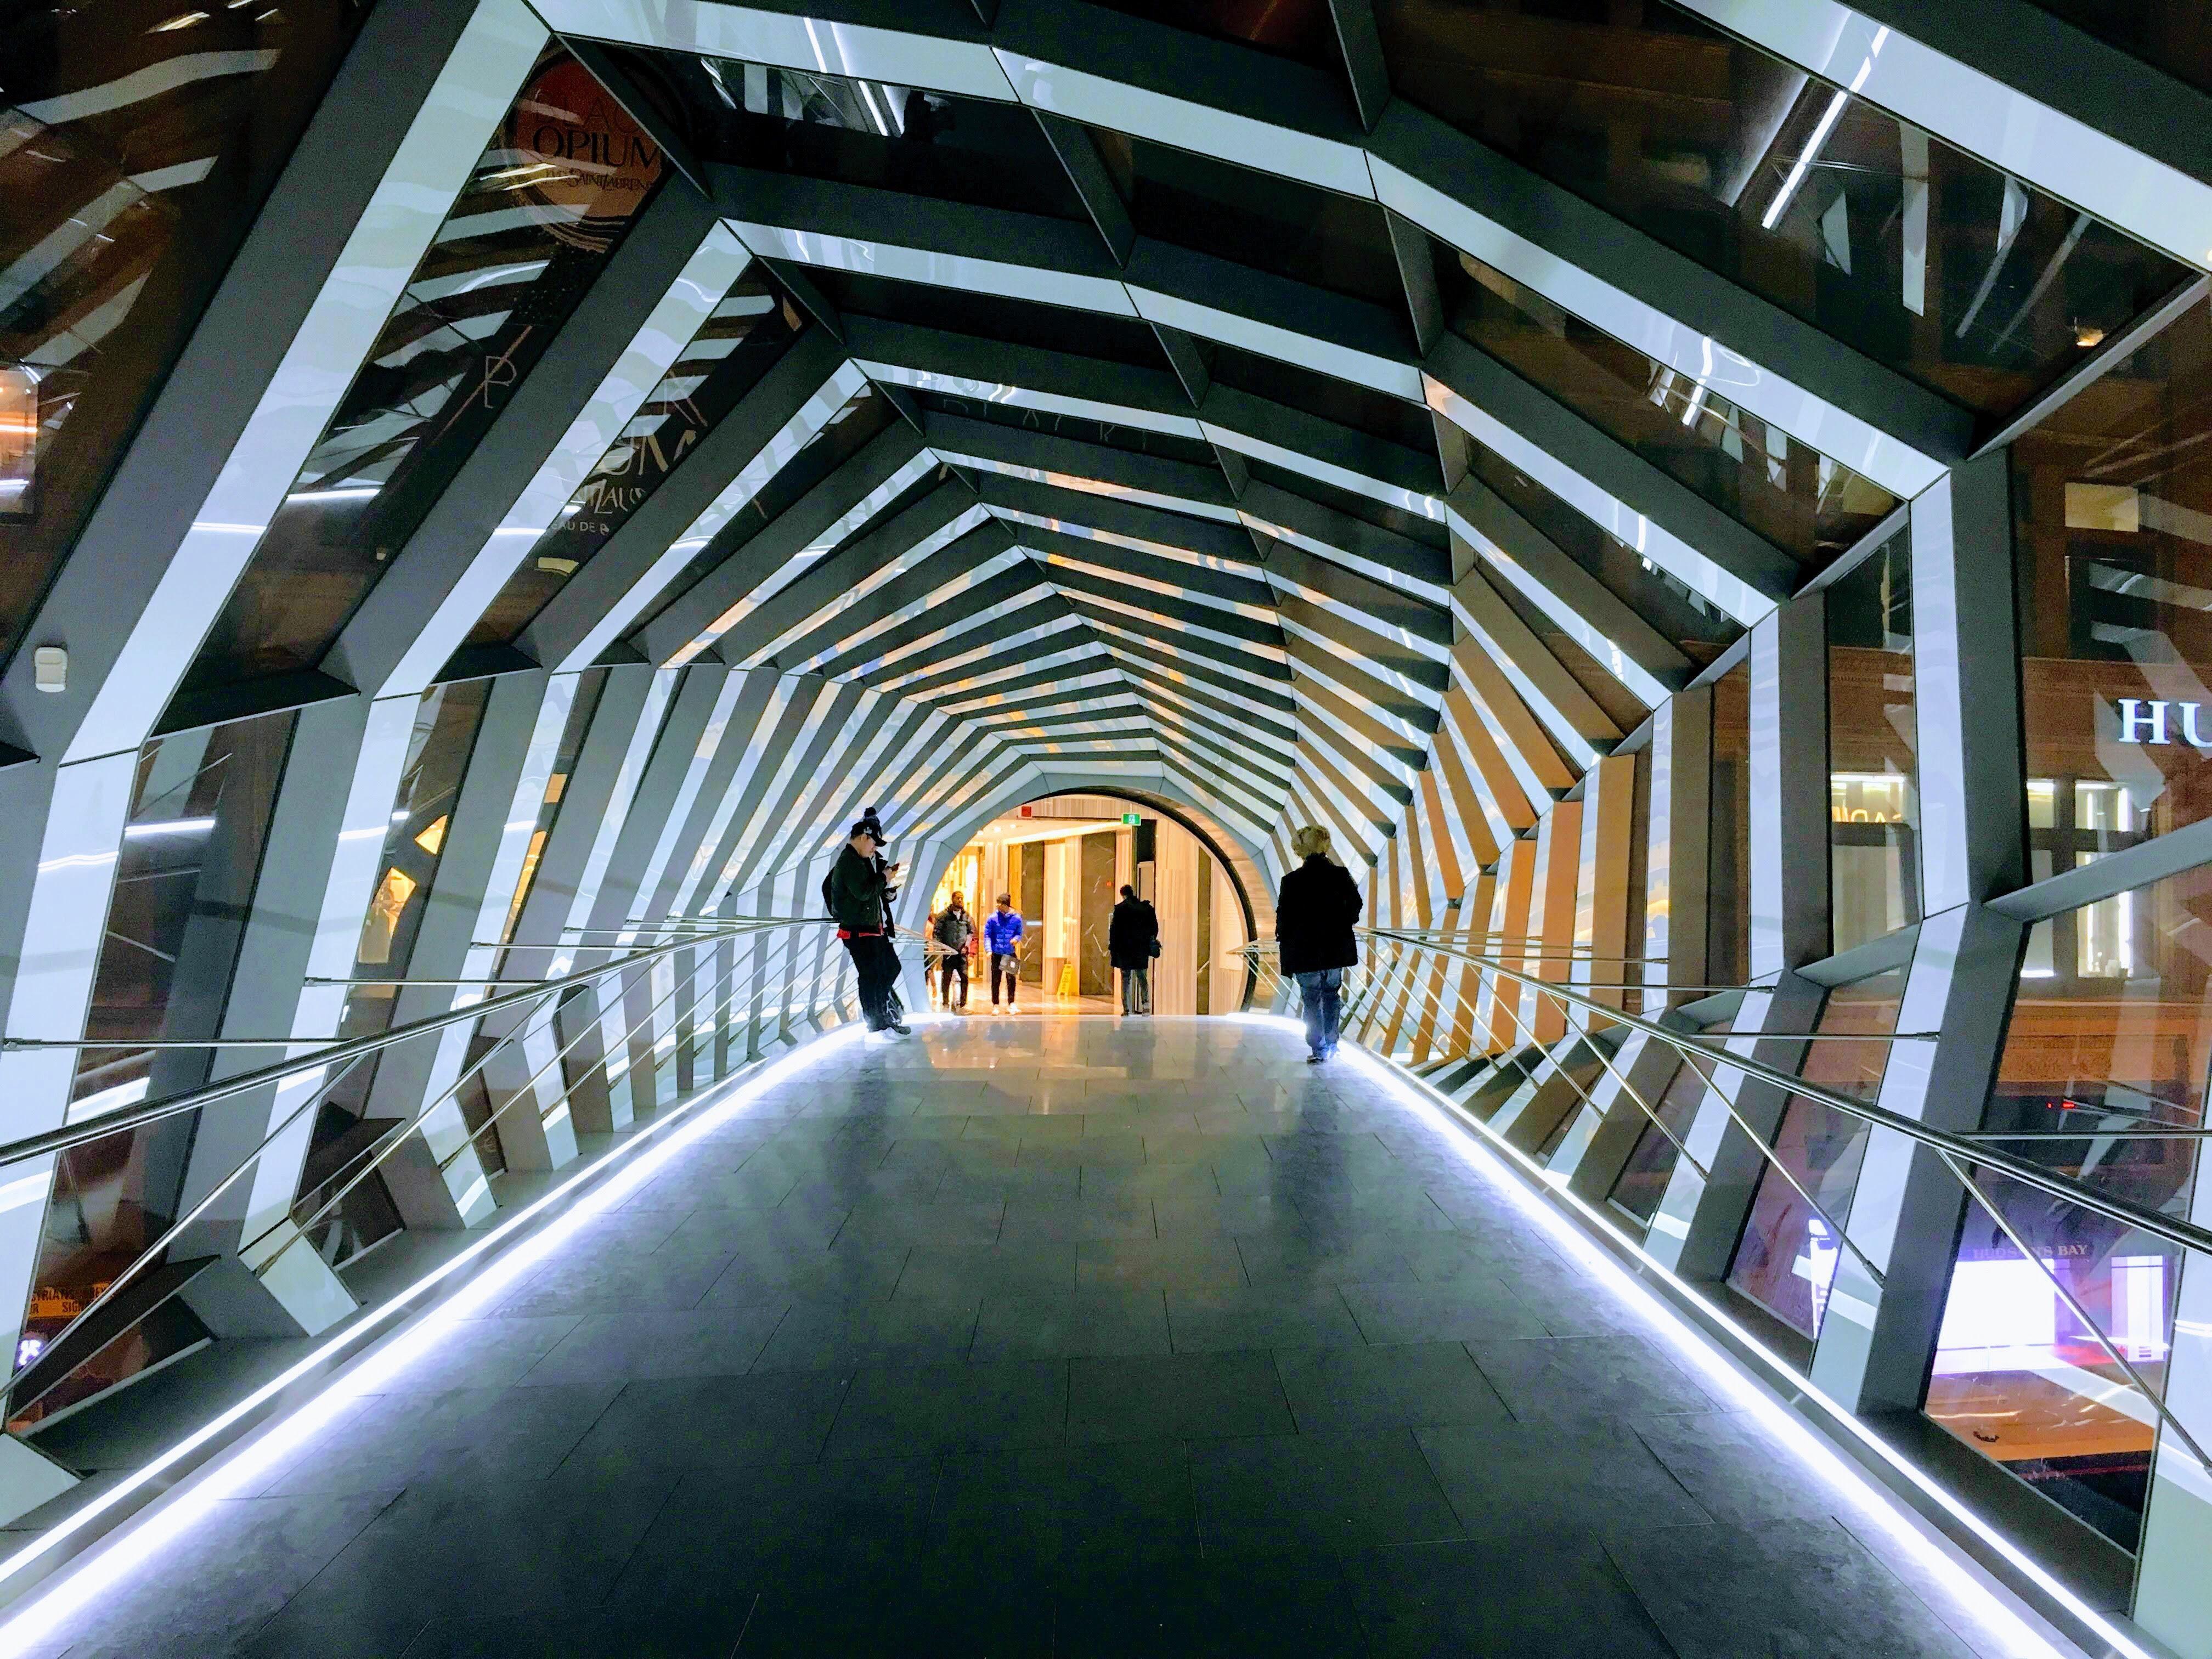 CF Toronto Eaton Centre Skywalk - Toronto, Ontario, Canada